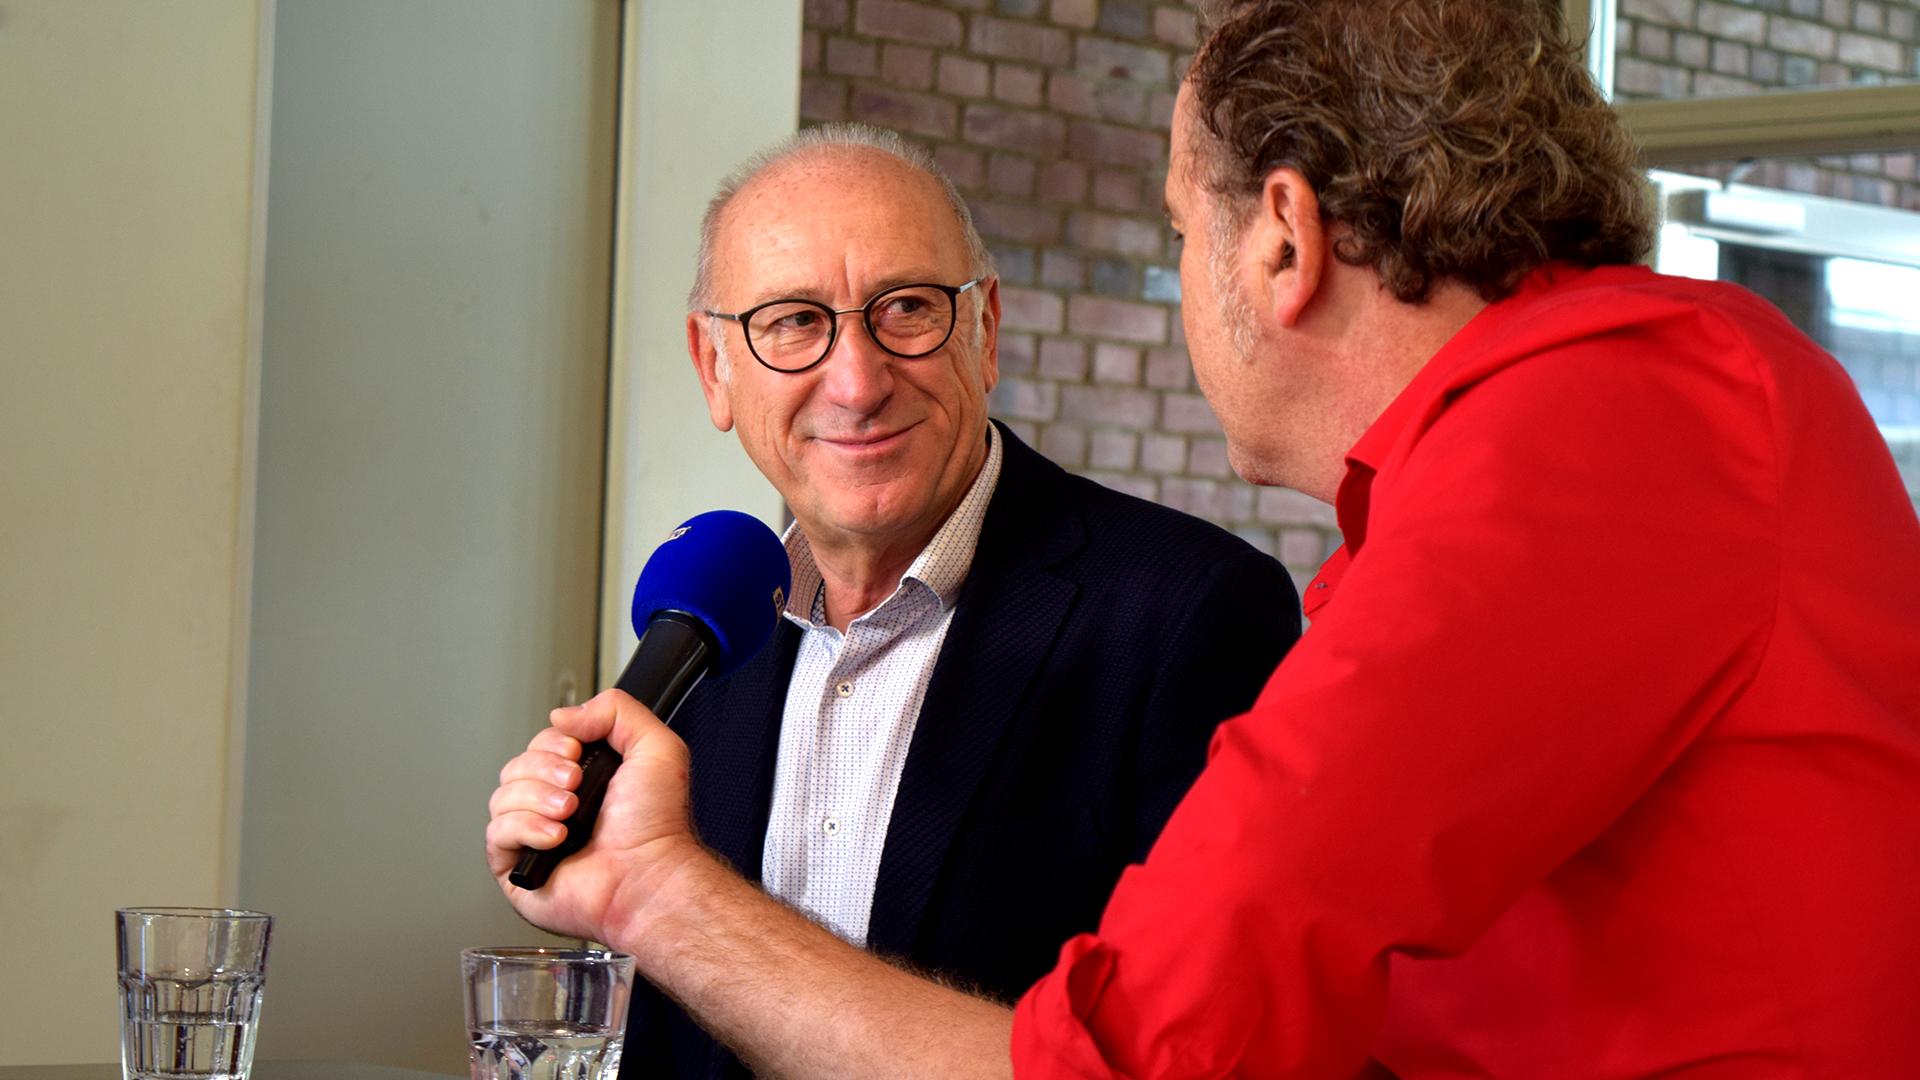 Der ehemalige Geschäftsführer Sieghard Kelle von der Stuttgarter Jugendhaus Gesellschaft (STJG) im Interview über die Veränderungen in der Jugendarbeit bei STUGGI.TV und den Stuttgarter Nachrichten. (Foto: STUGGI.TV)